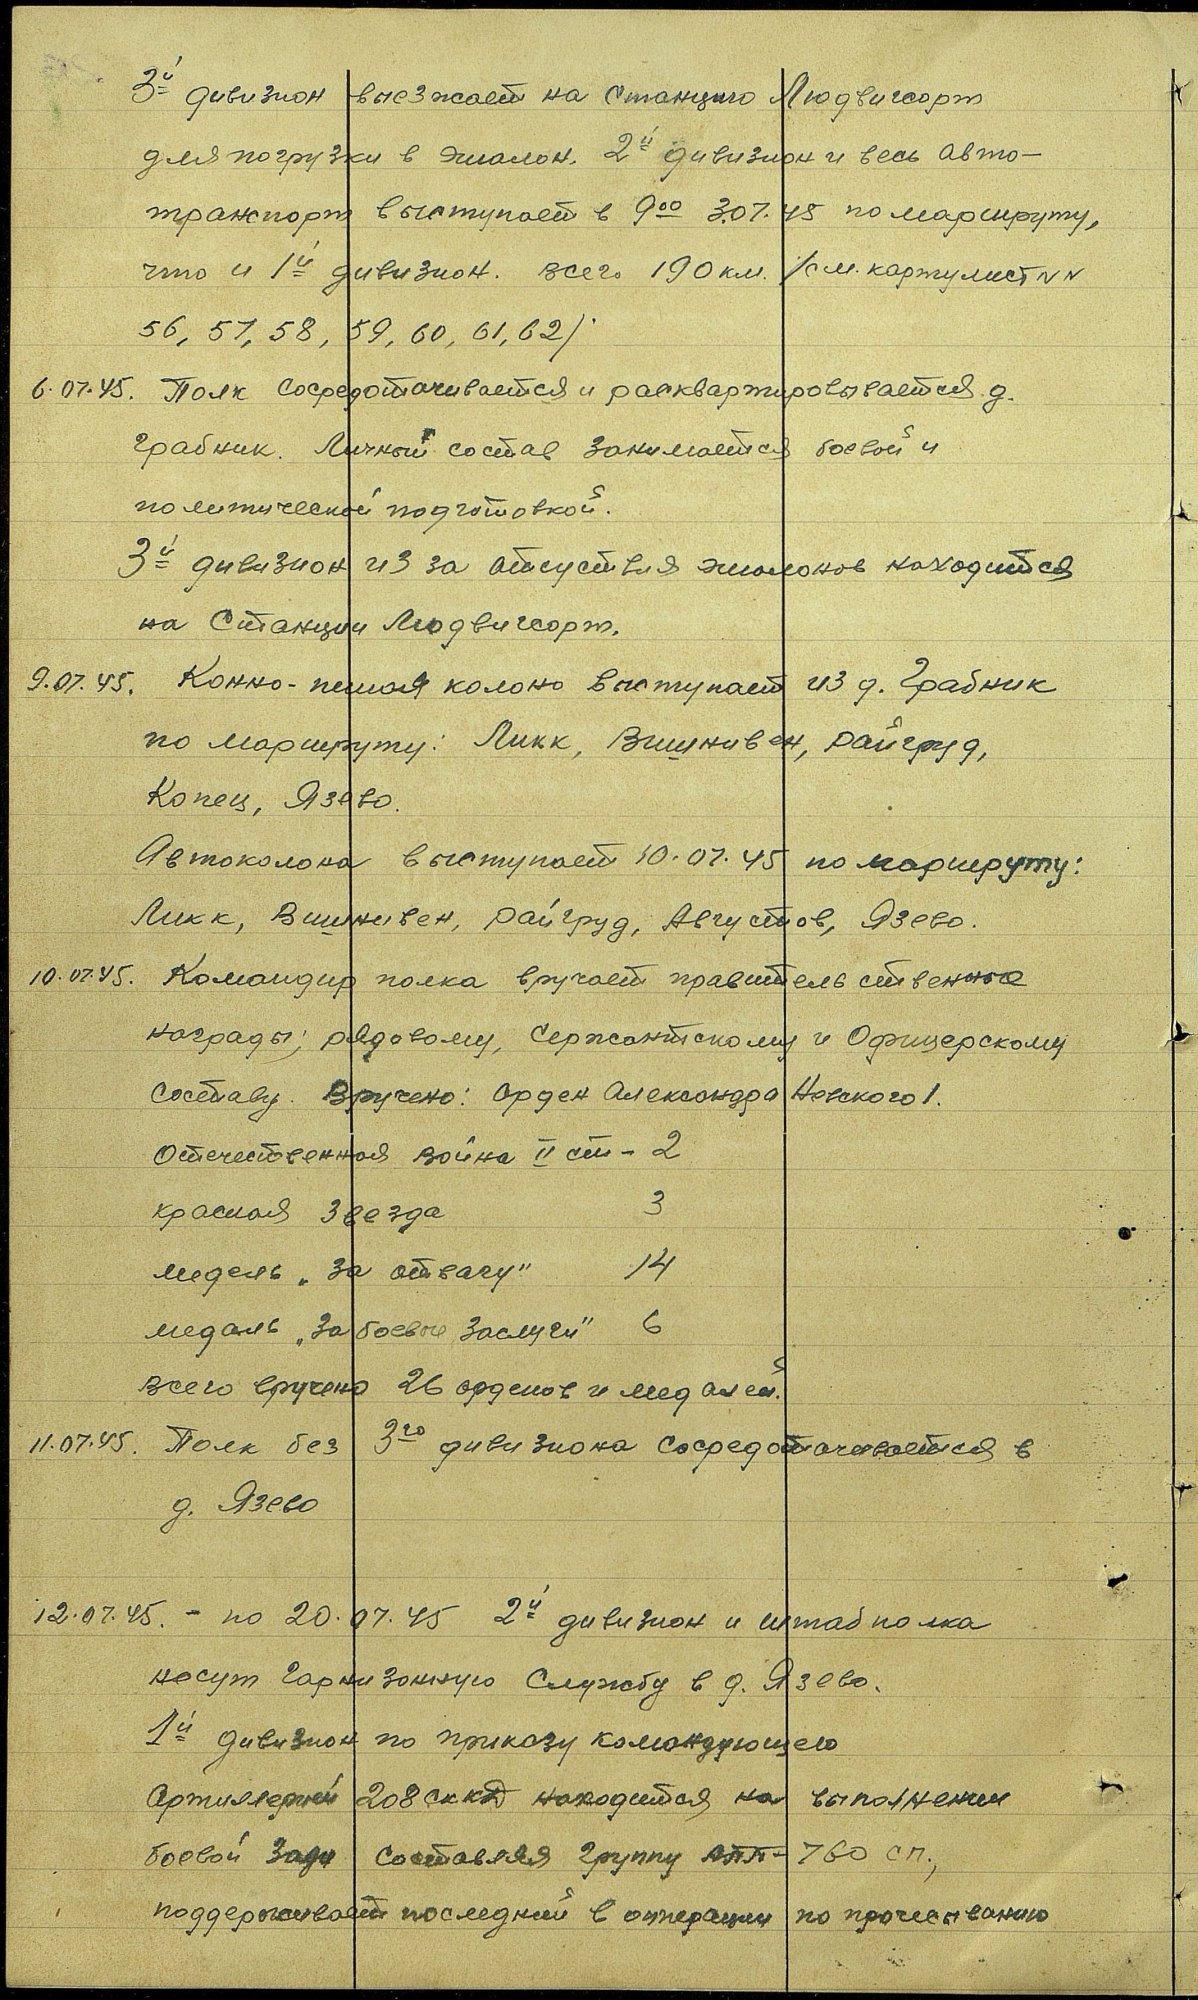 Z dziennika działań bojowych 662 Pułku Artylerii kopia fragmentu, https://pamyat-naroda.ru, [dostęp: 03.06.2020]